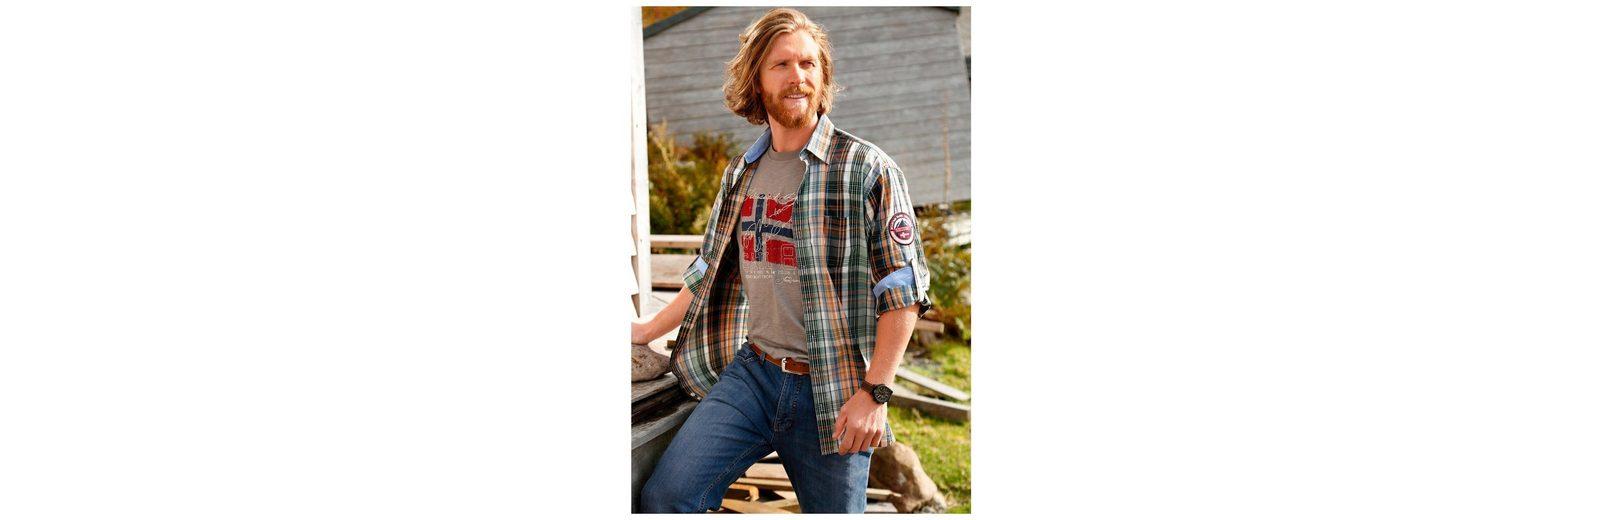 Jan Vanderstorm T-Shirt SIGISMUND Spielraum Ebay aoief